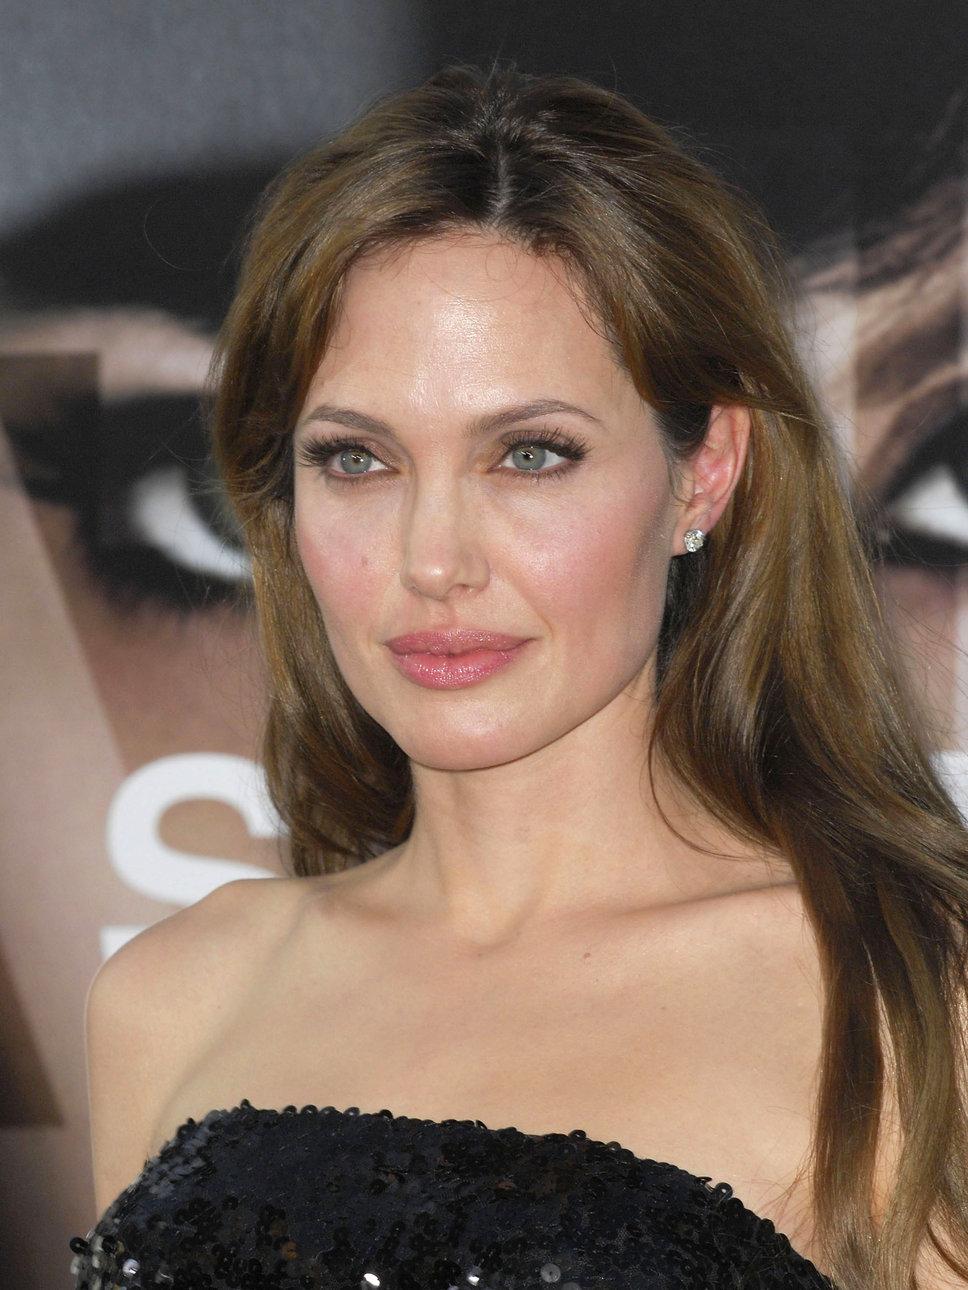 [Novidades] Atriz Angelina Jolie ganhará 50 milhões de doláres por sua biografia